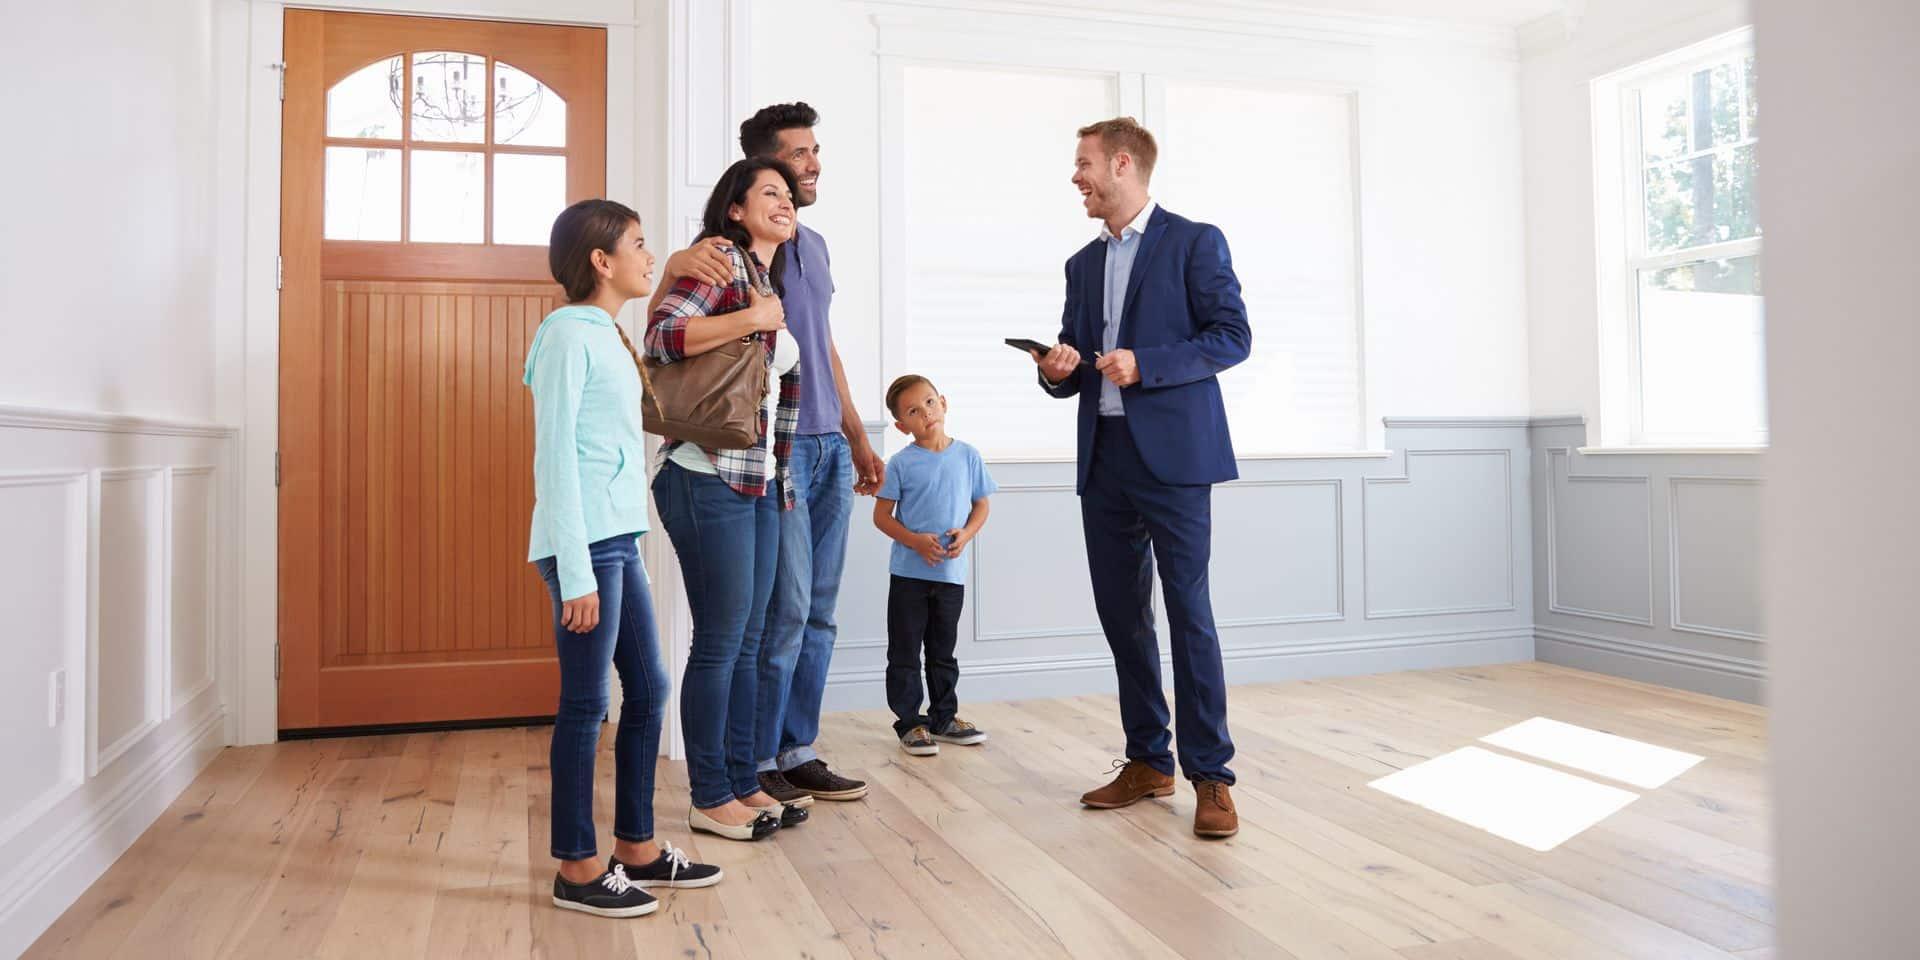 """C'est la folie sur le marché immobilier: """"On vend quasi tous nos biens en une journée!"""""""